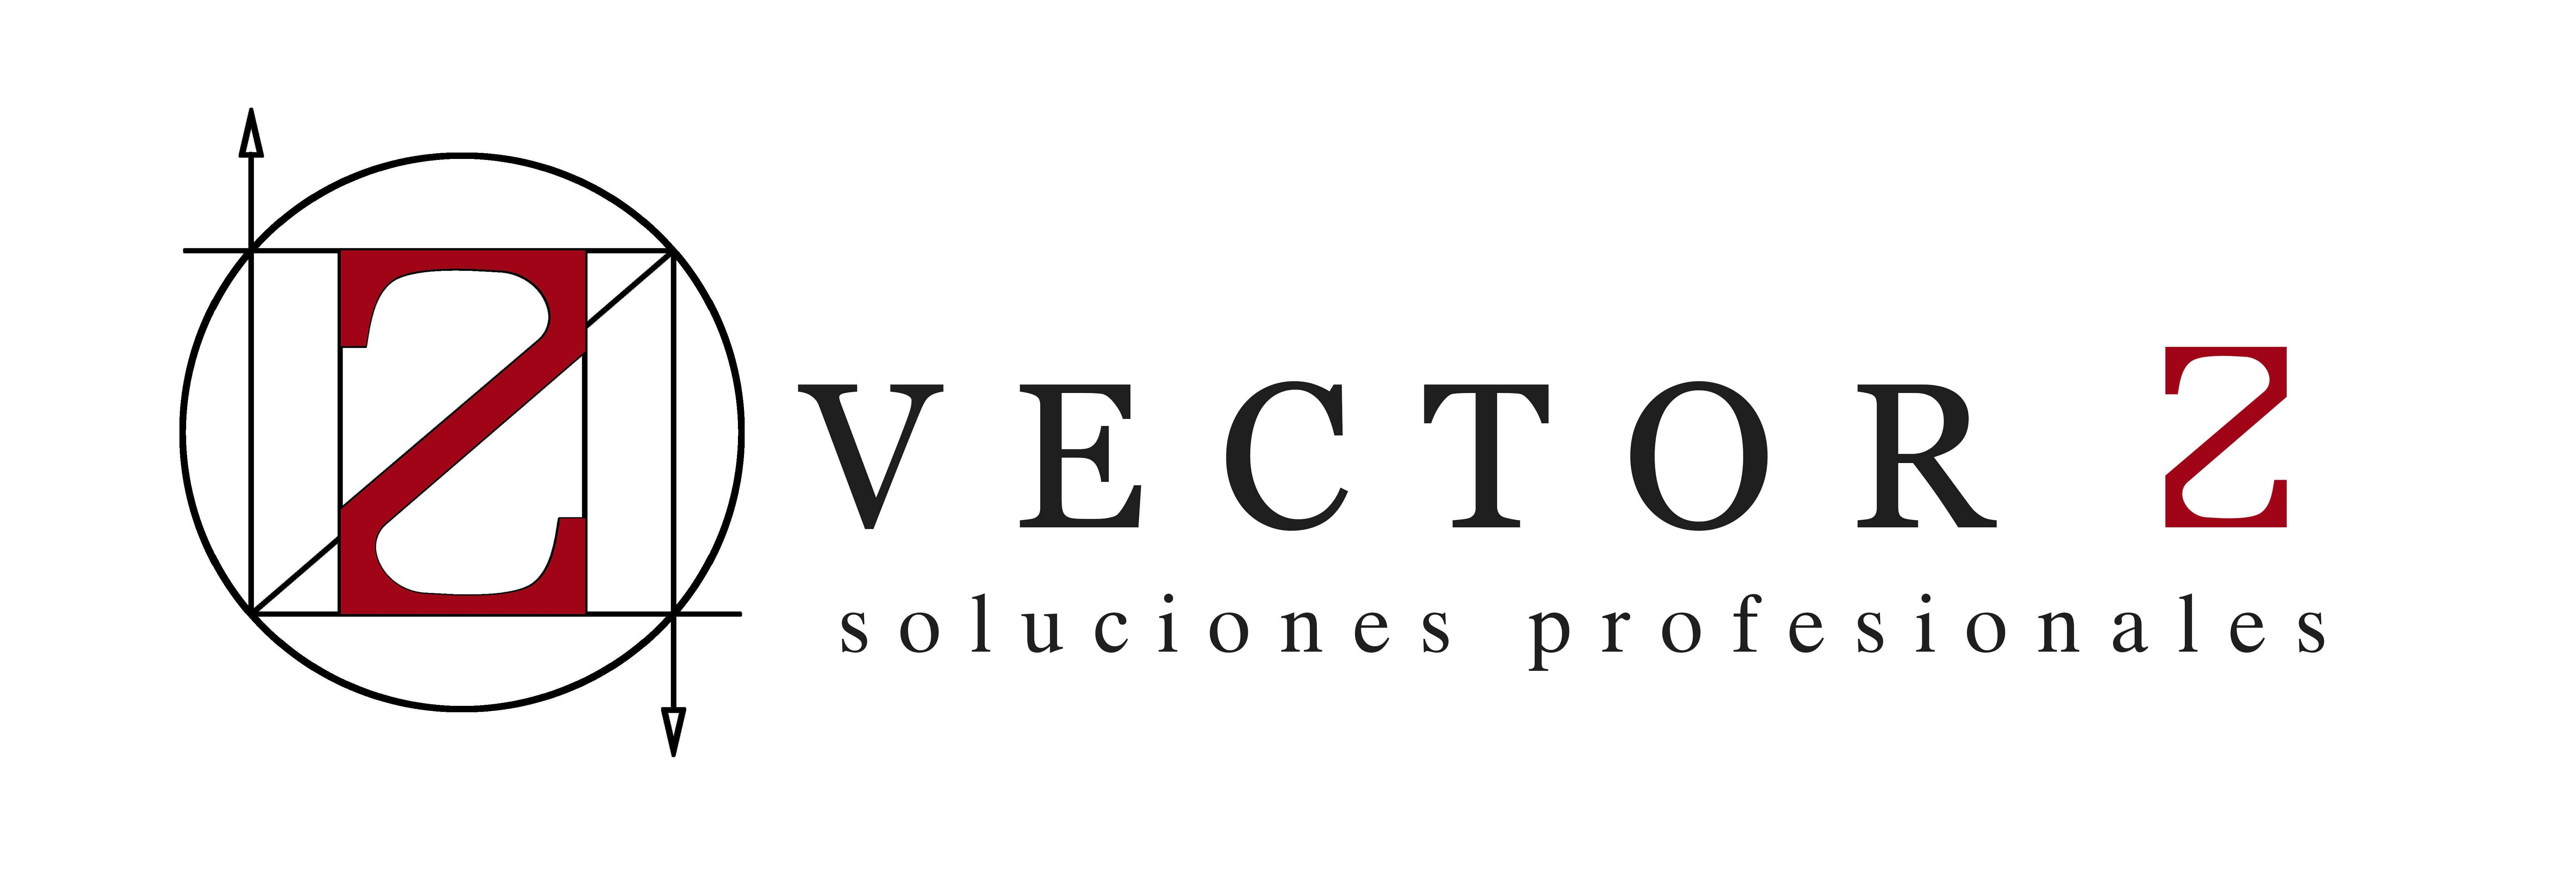 vectorZ